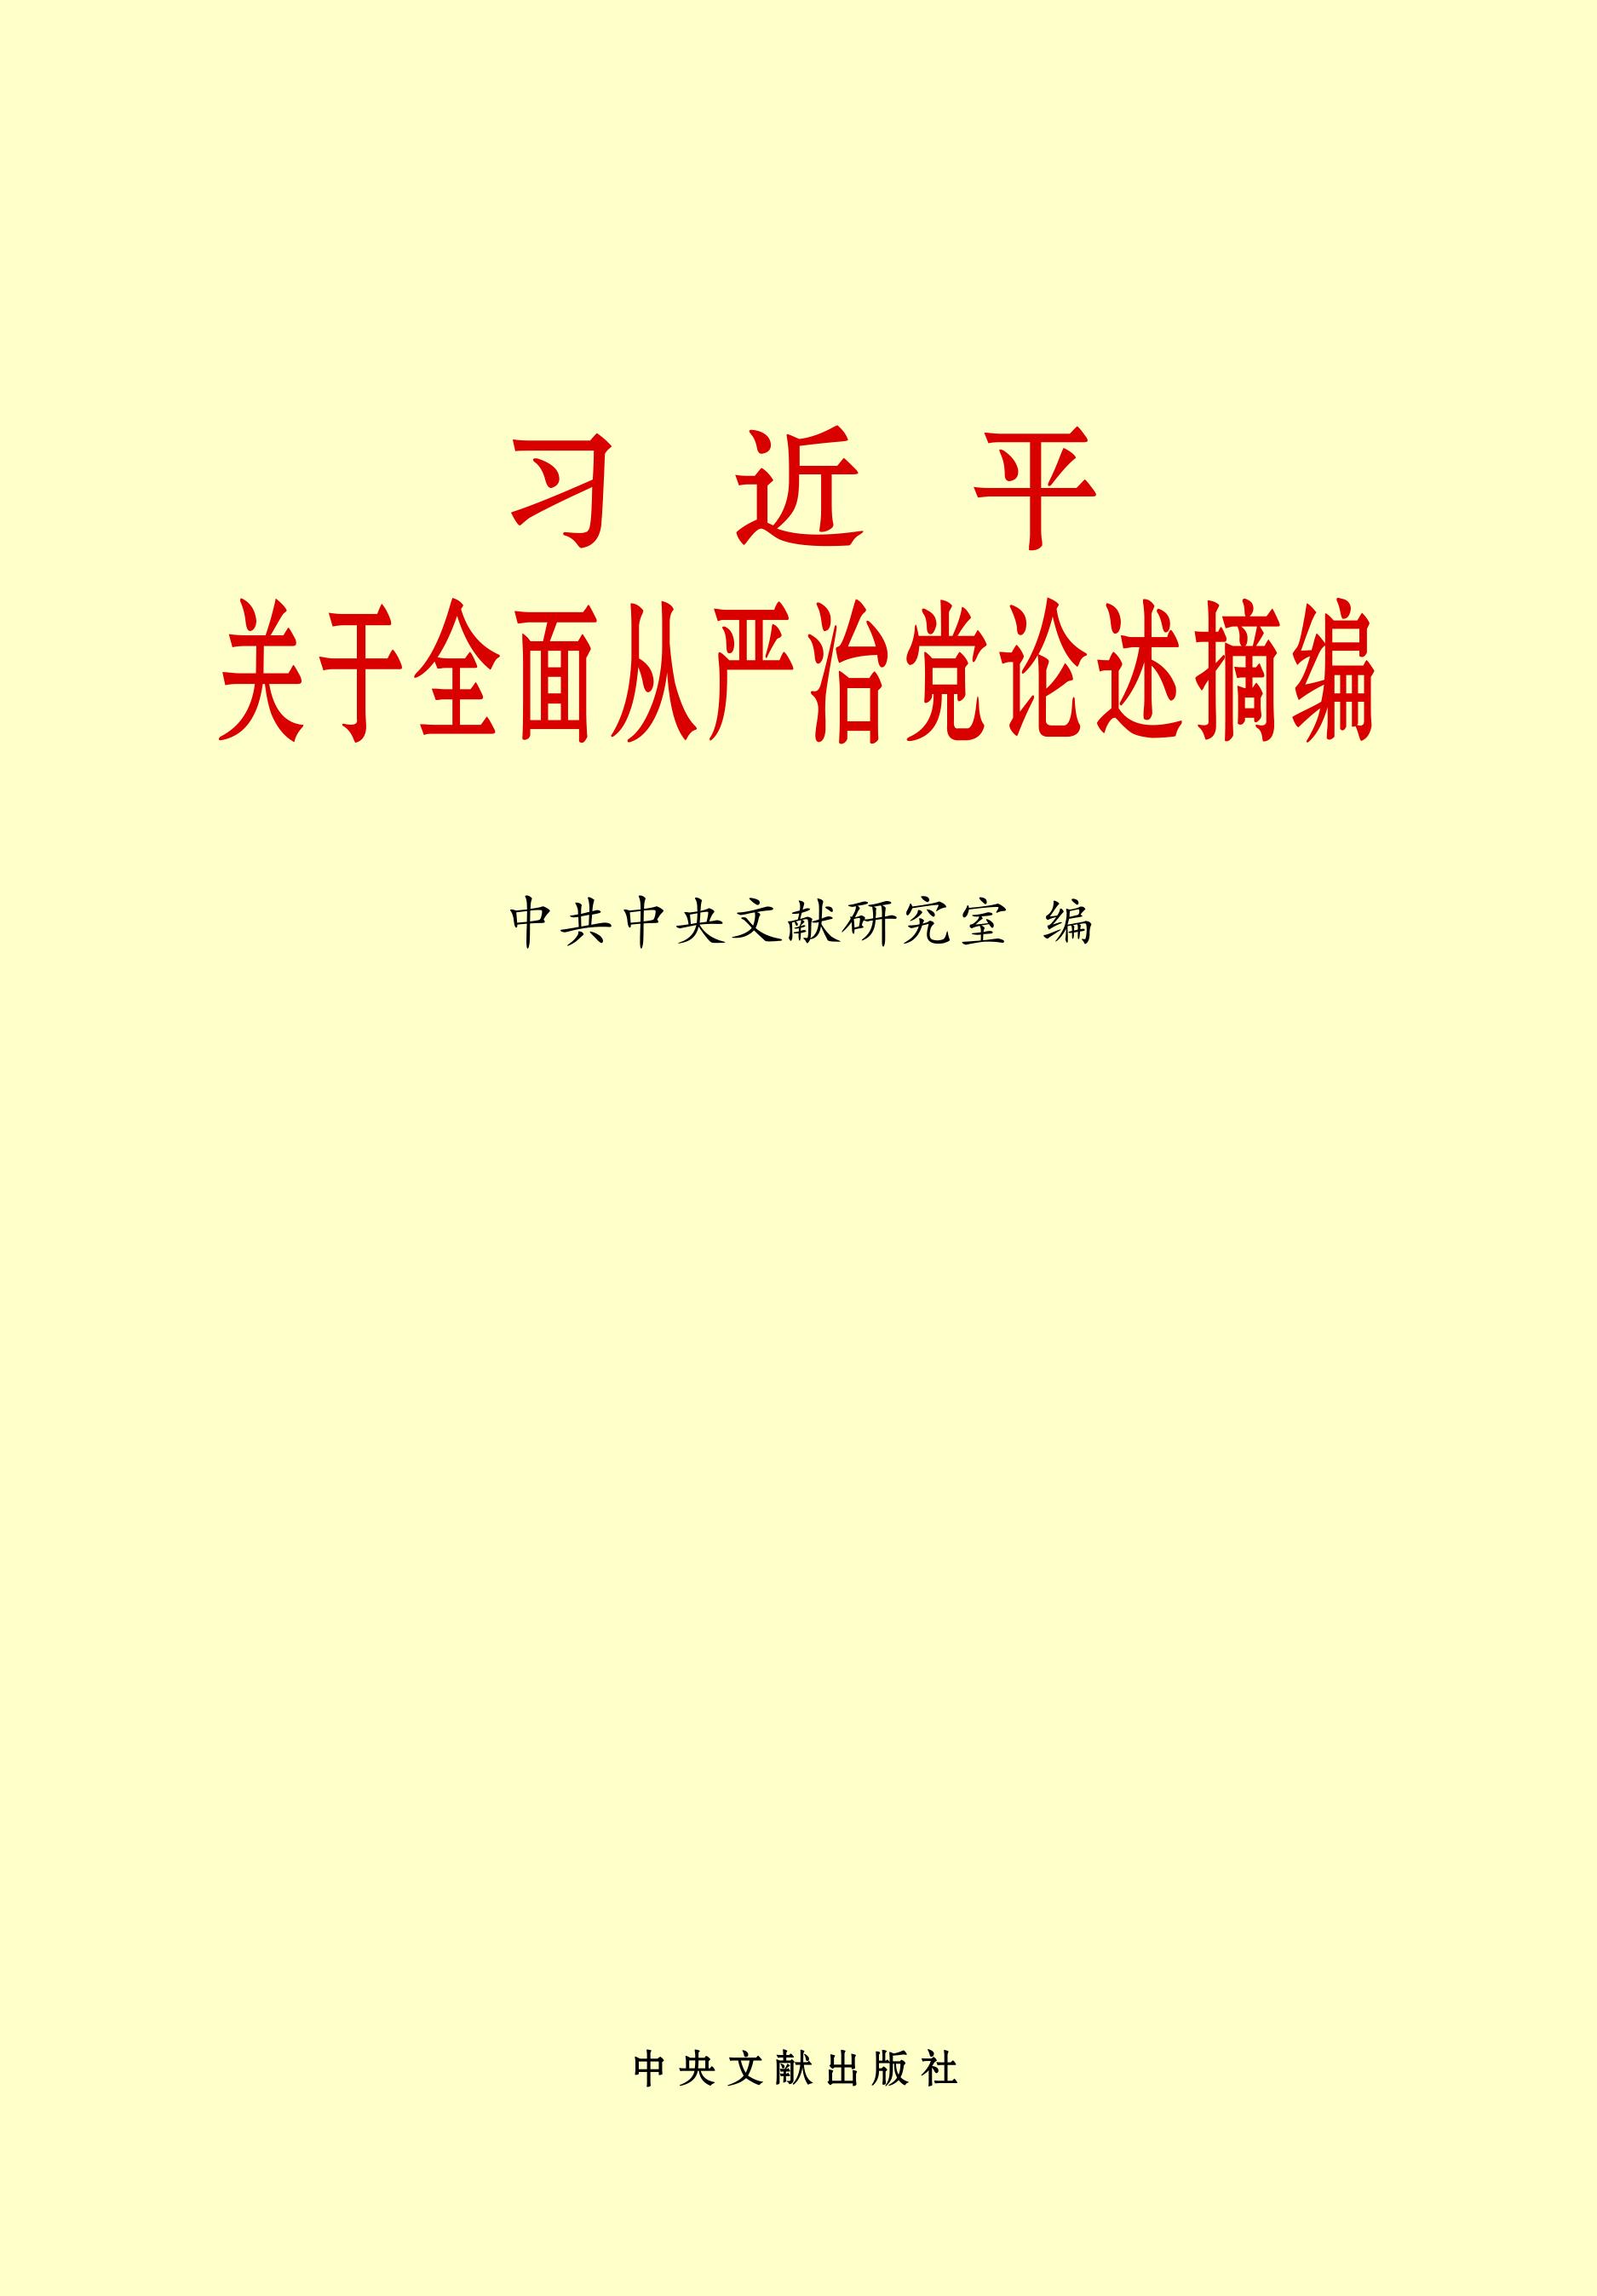 《习近平关于全面从严治党论述摘》编